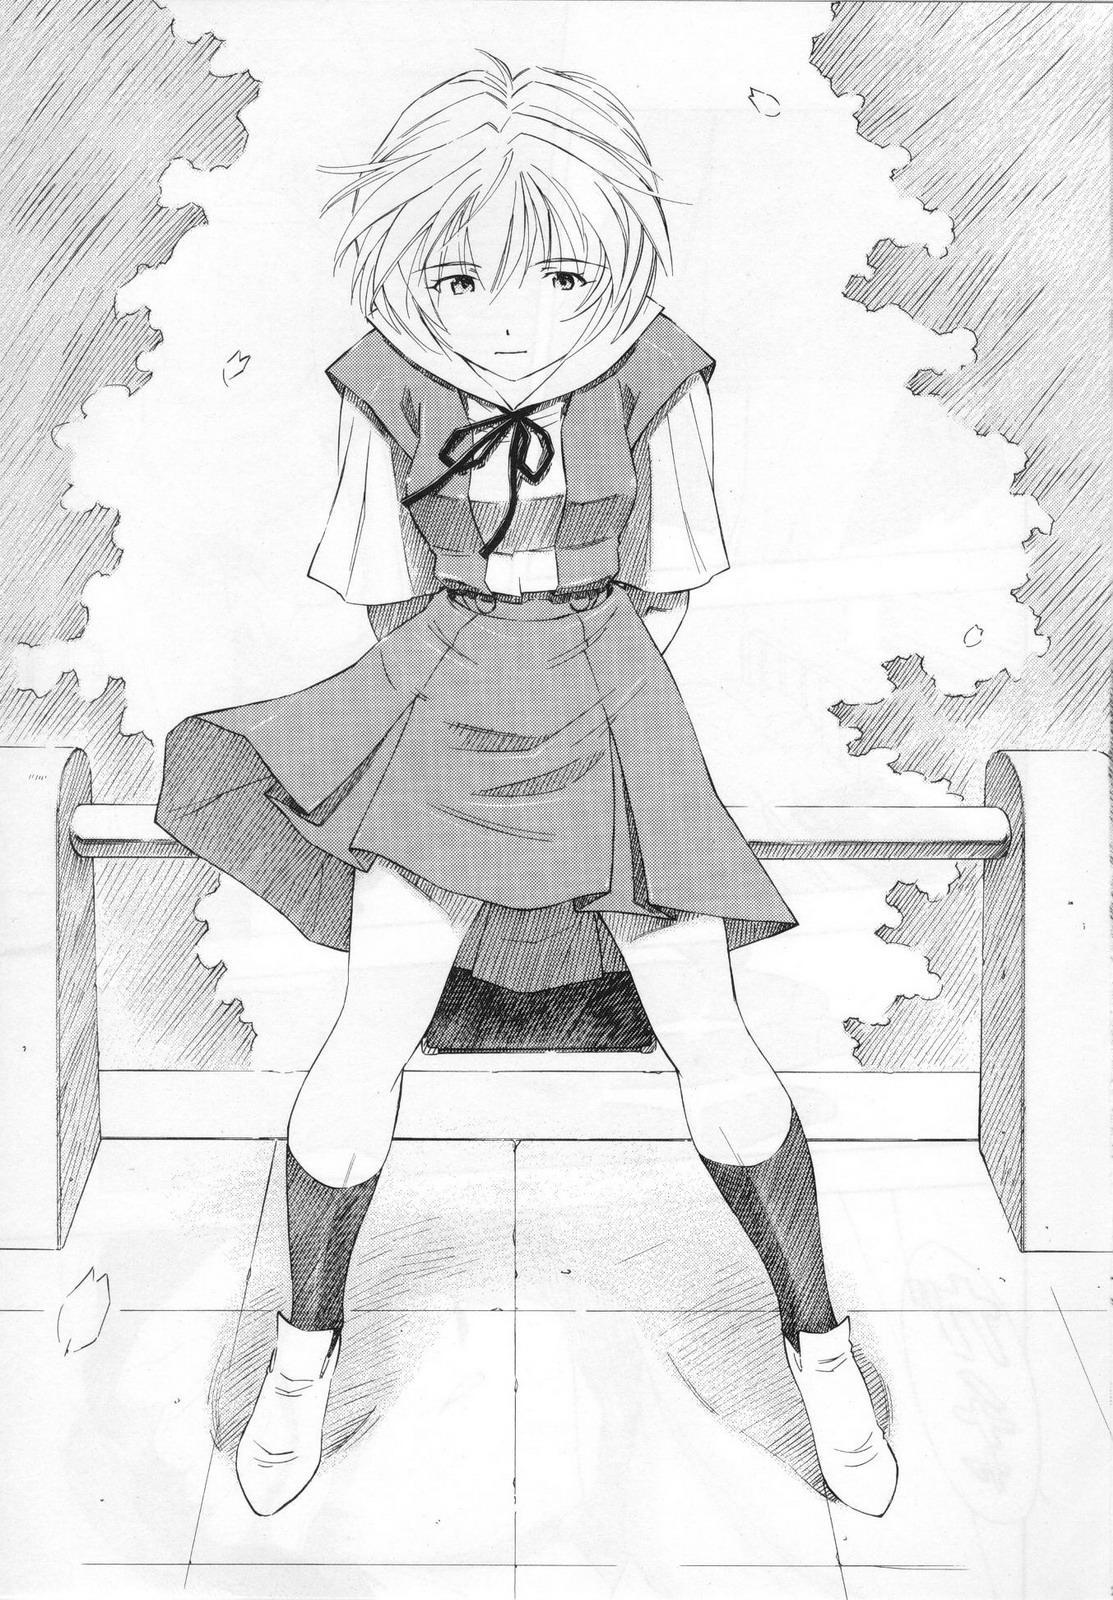 (COMIC1☆5) [Studio Wallaby (Kura Oh)]  Ayanami - Asa Hiru Yoru - Shin (Neon Genesis Evangelion) 27